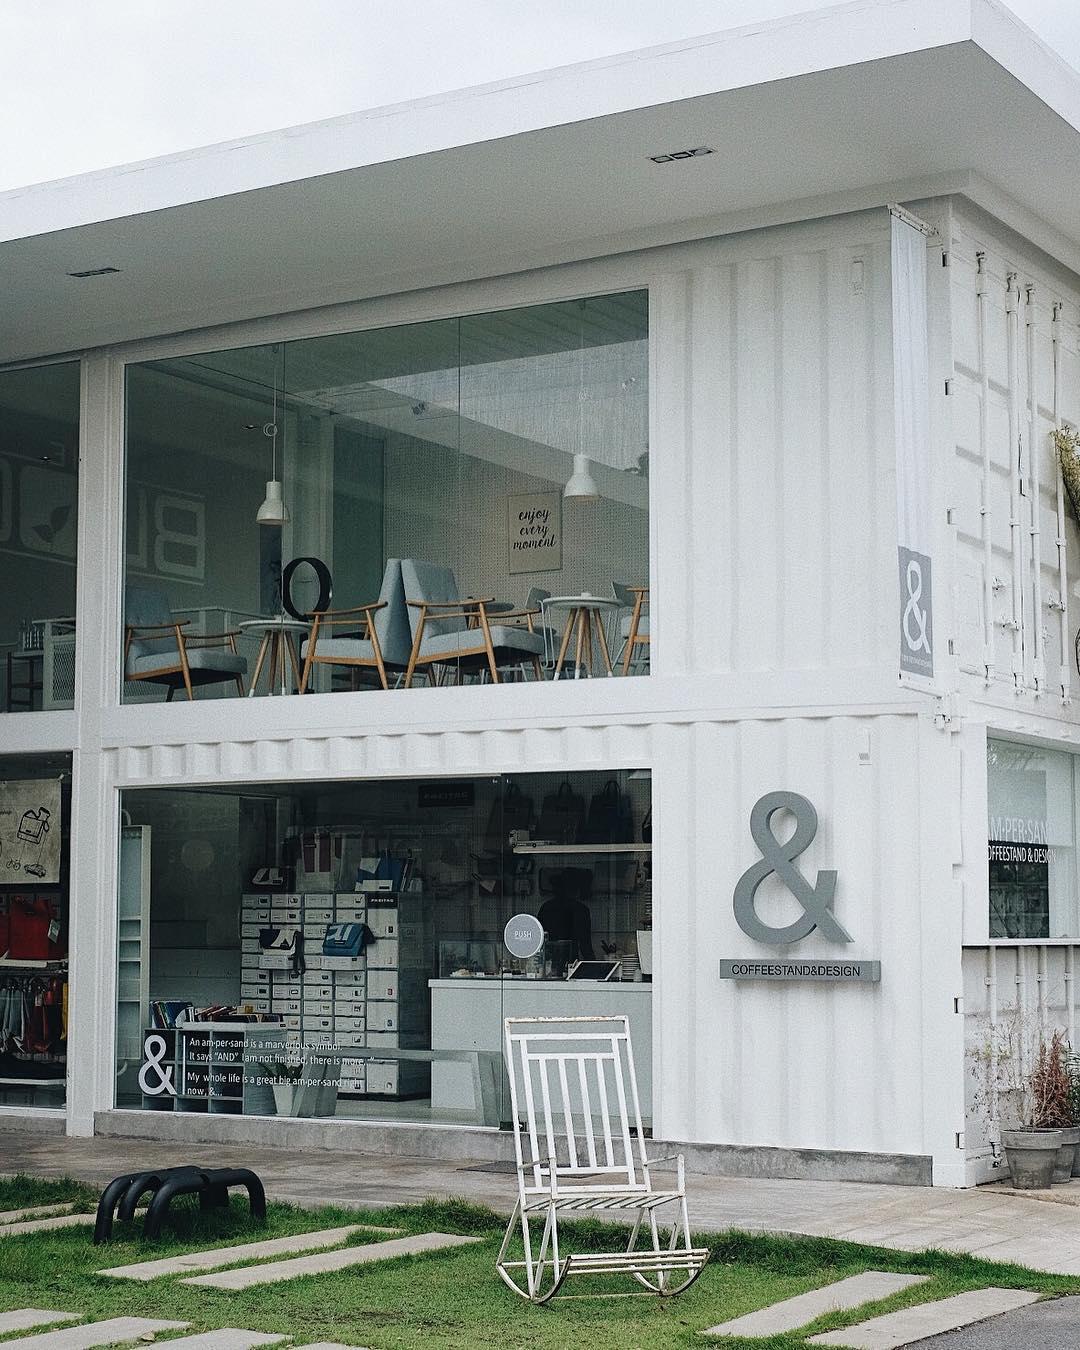 bangkok hipster cafe - design cafe